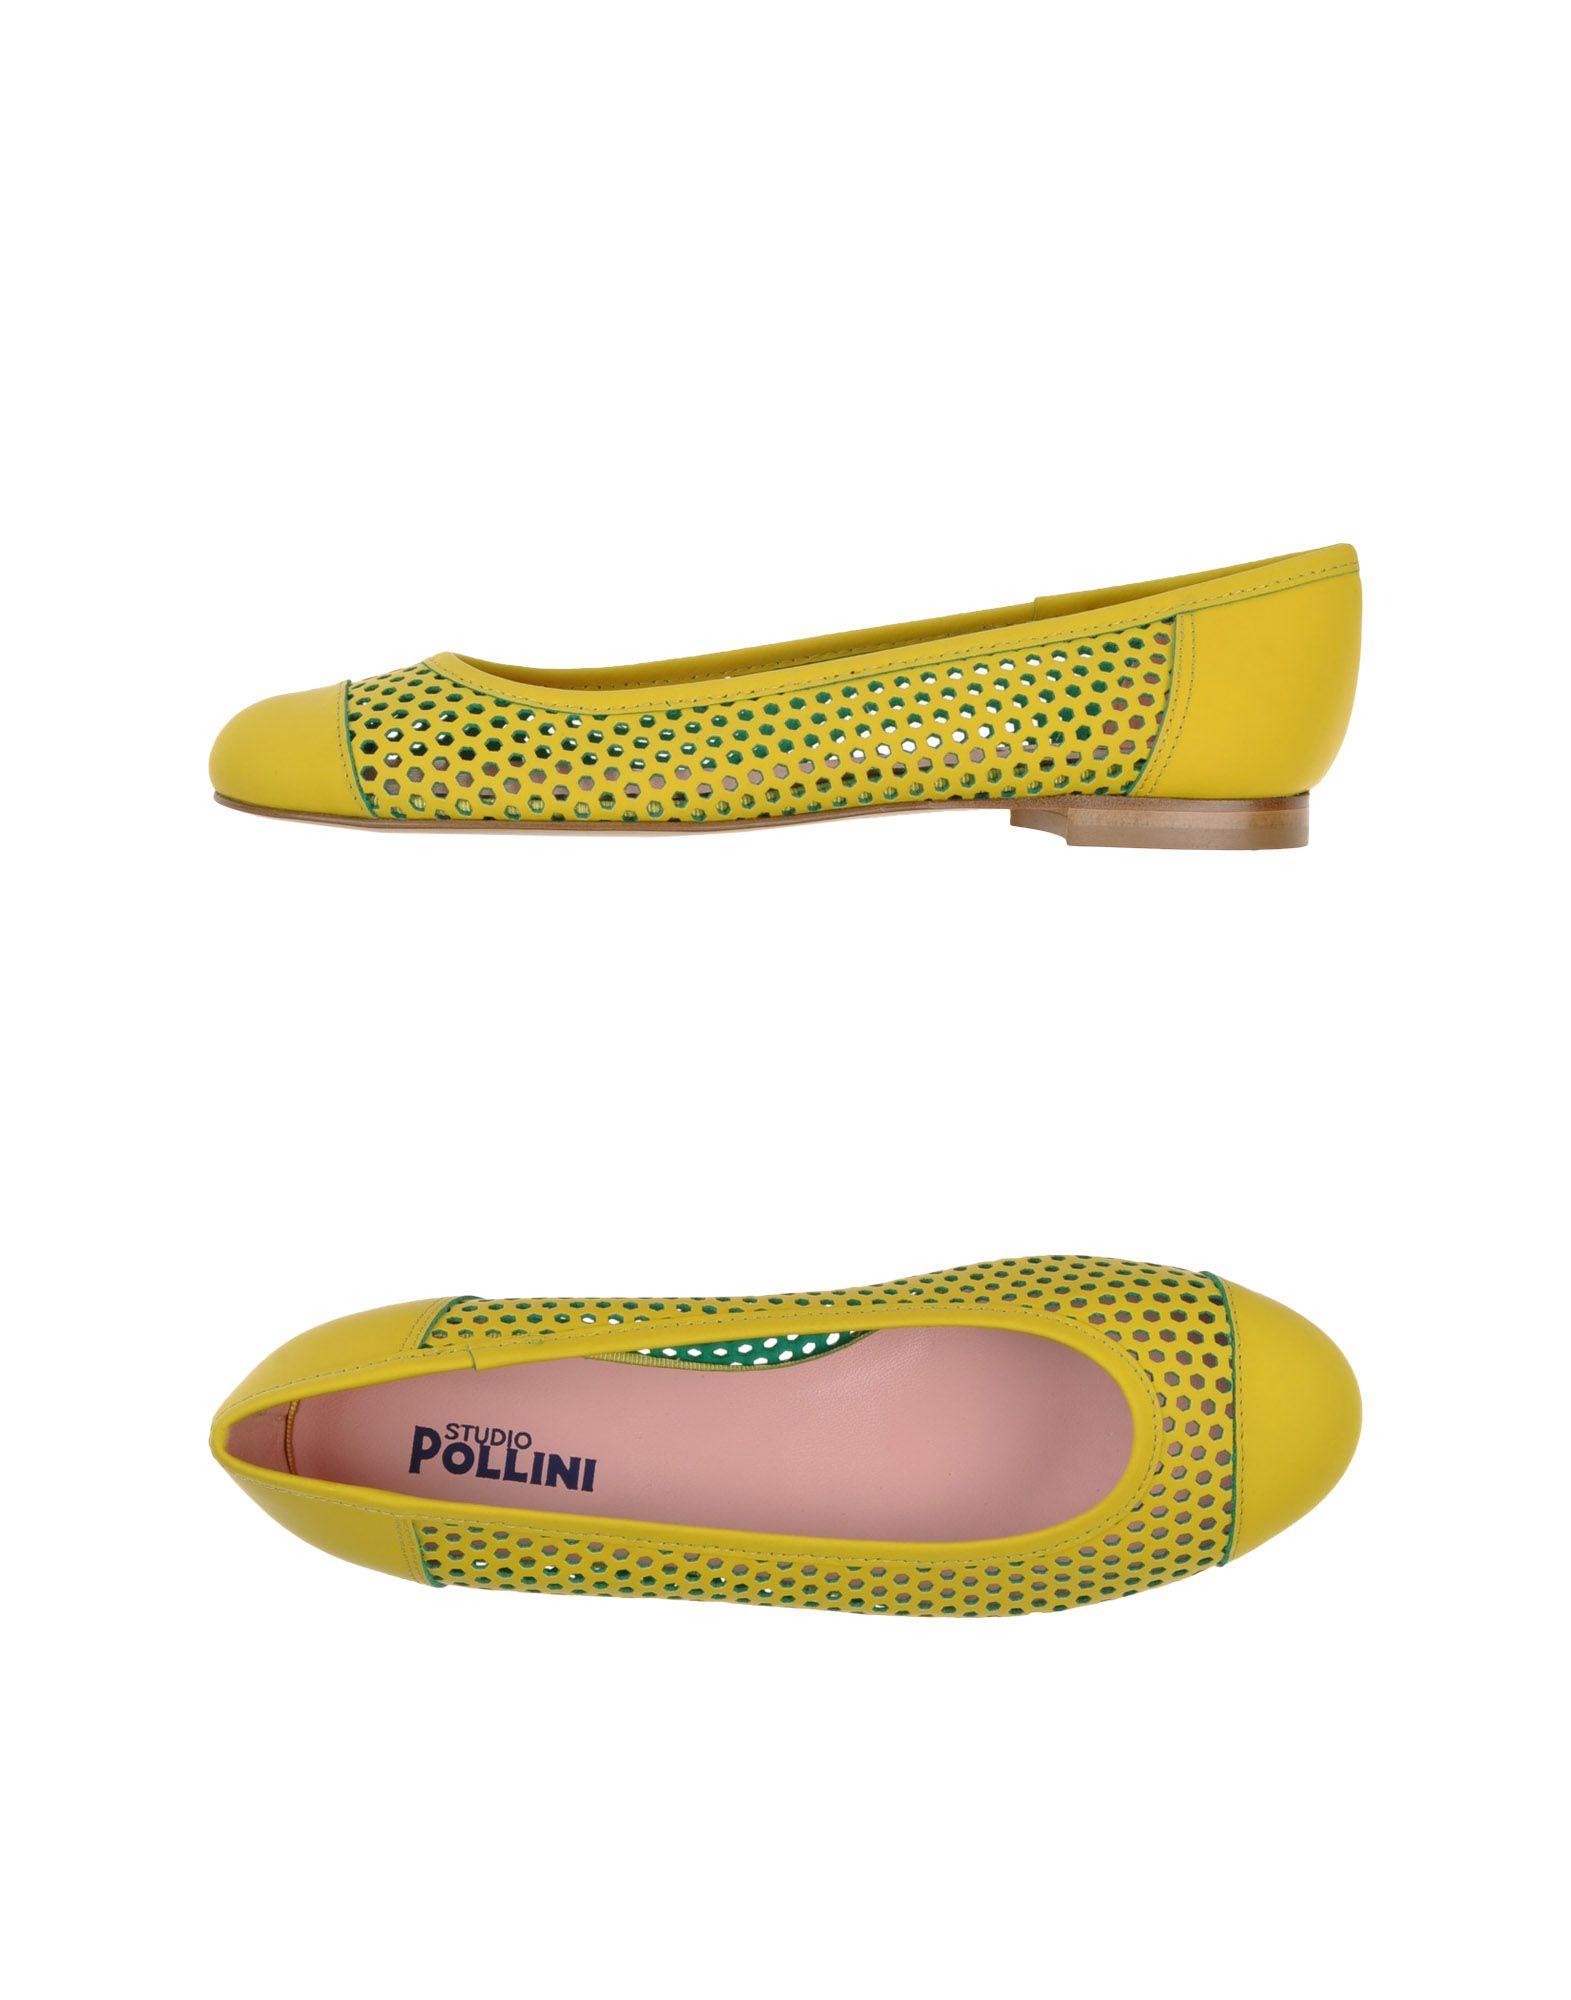 Studio Pollini Ballet Flats Flats Flats - Women Studio Pollini Ballet Flats online on  United Kingdom - 44791533TP 19955f